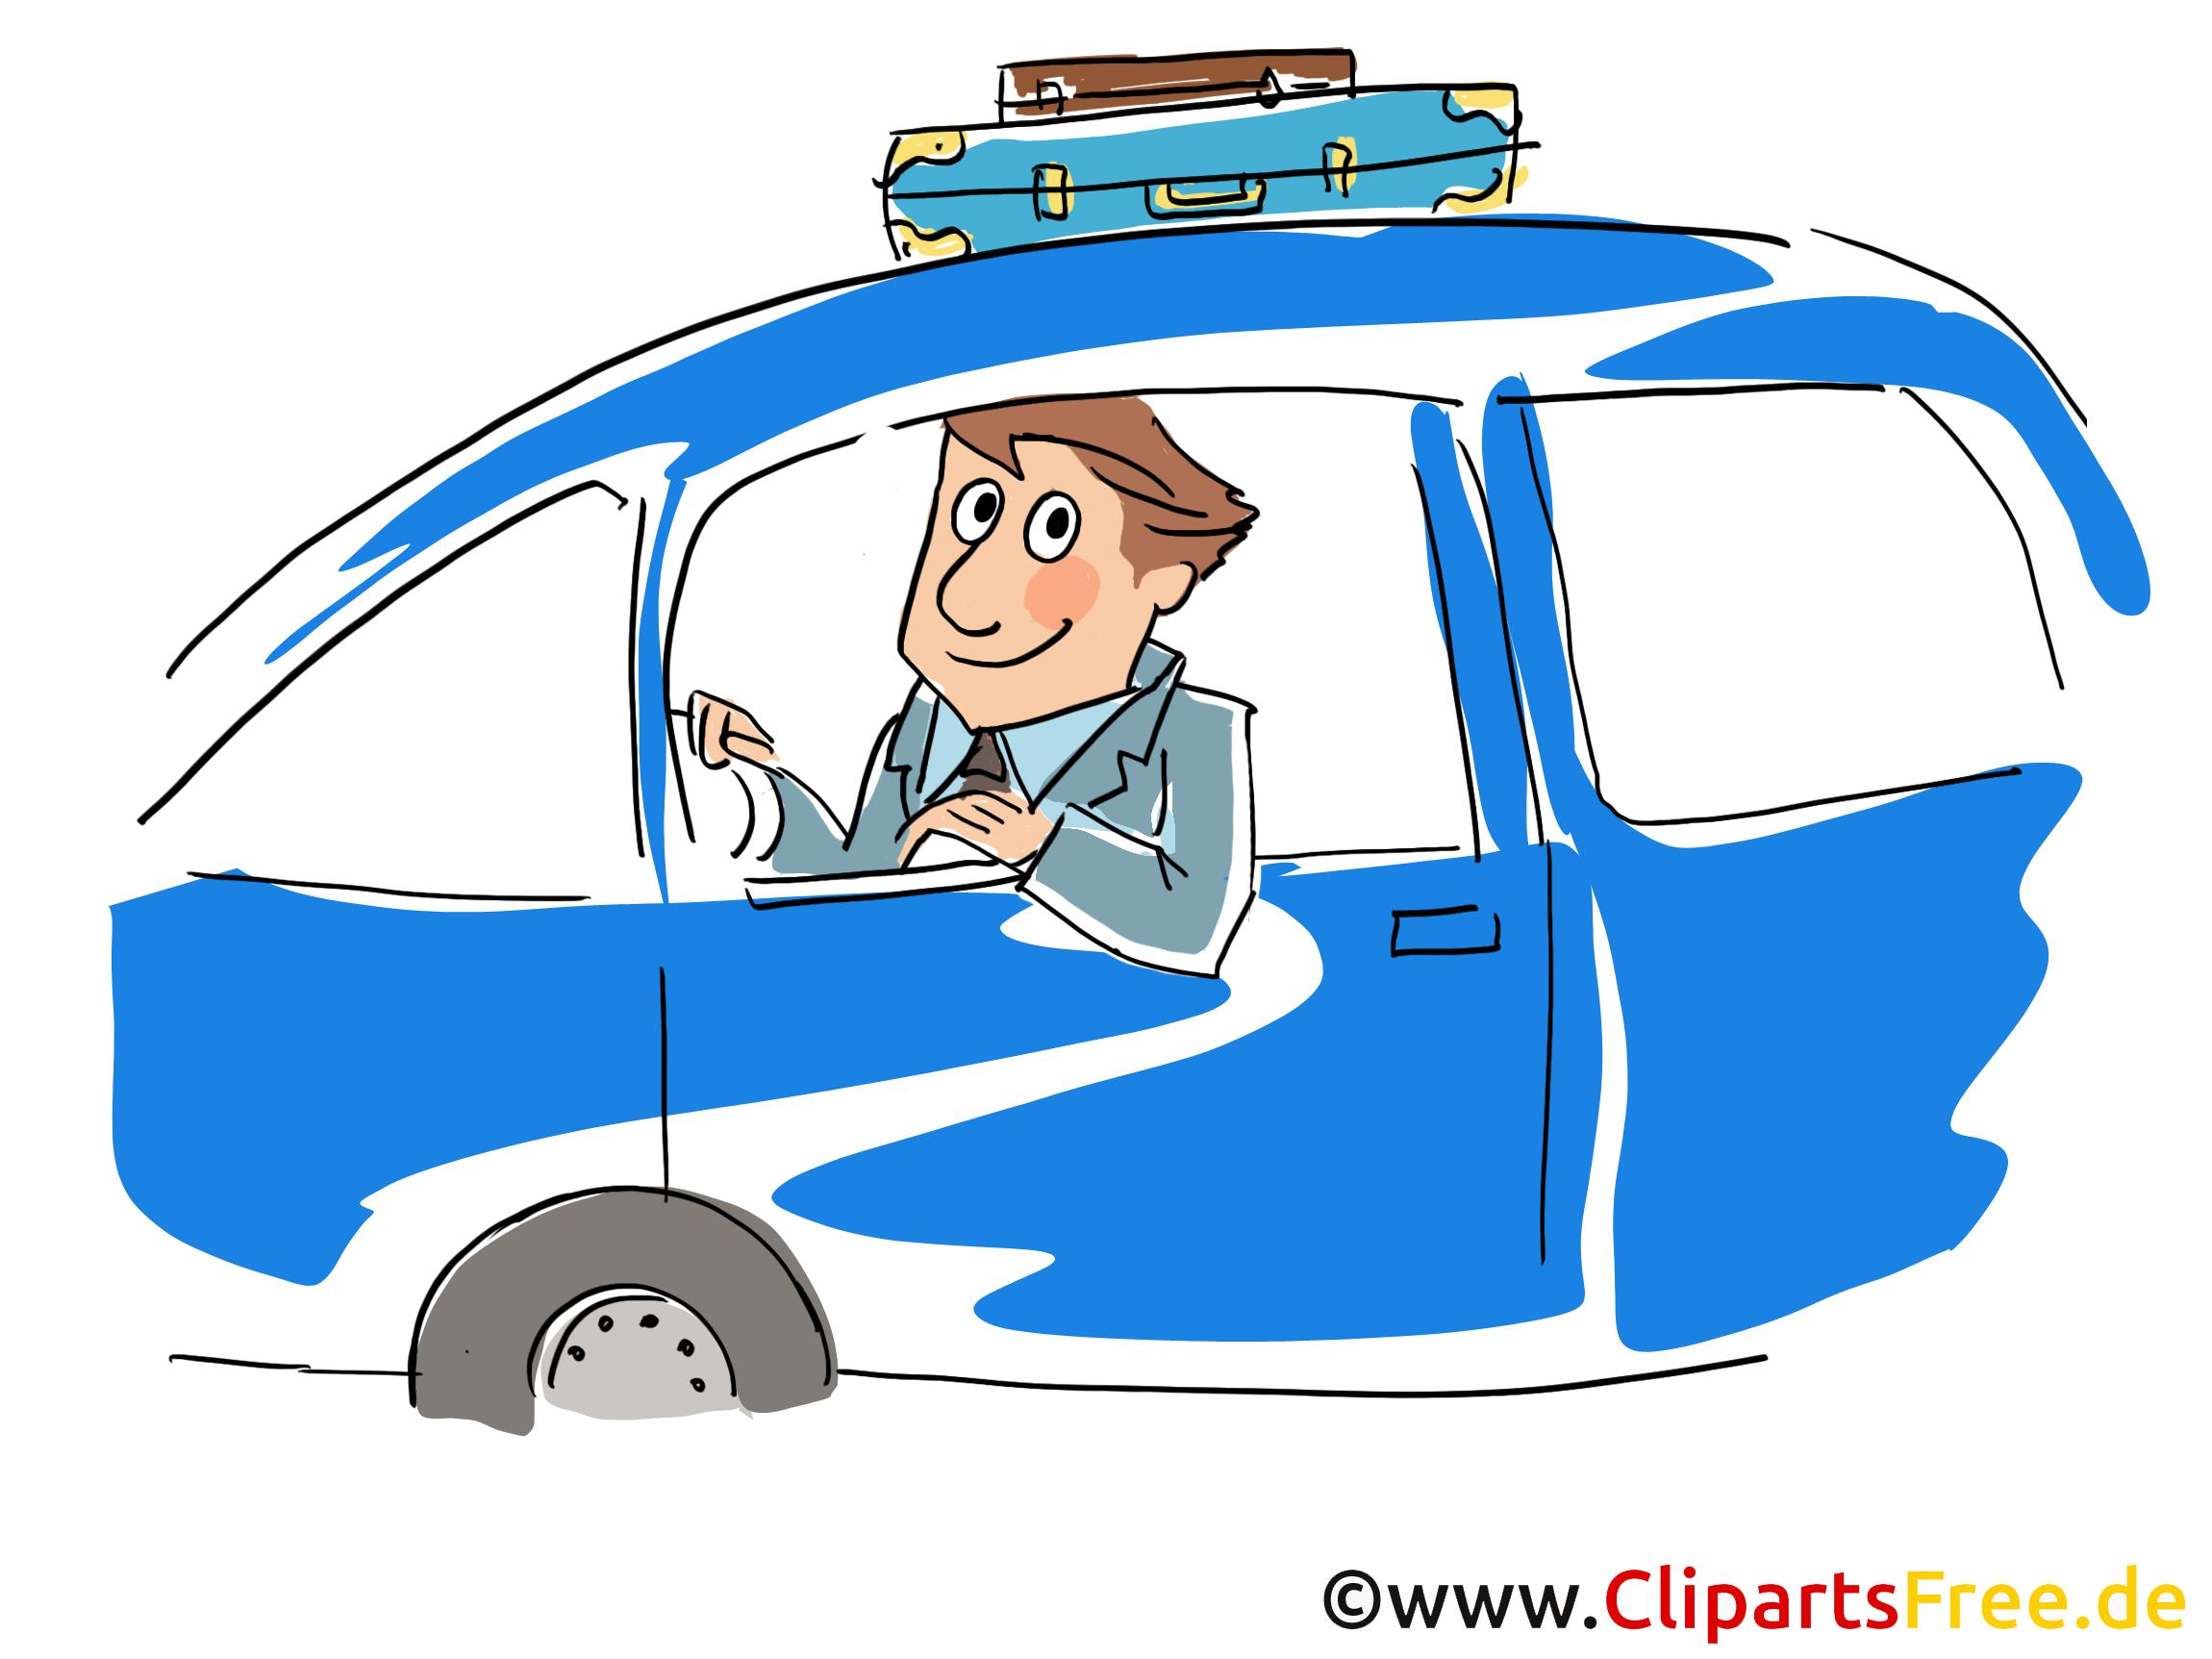 Dienstreise Clipart, Bild, Grafik, Cartoon, Illustration gratis